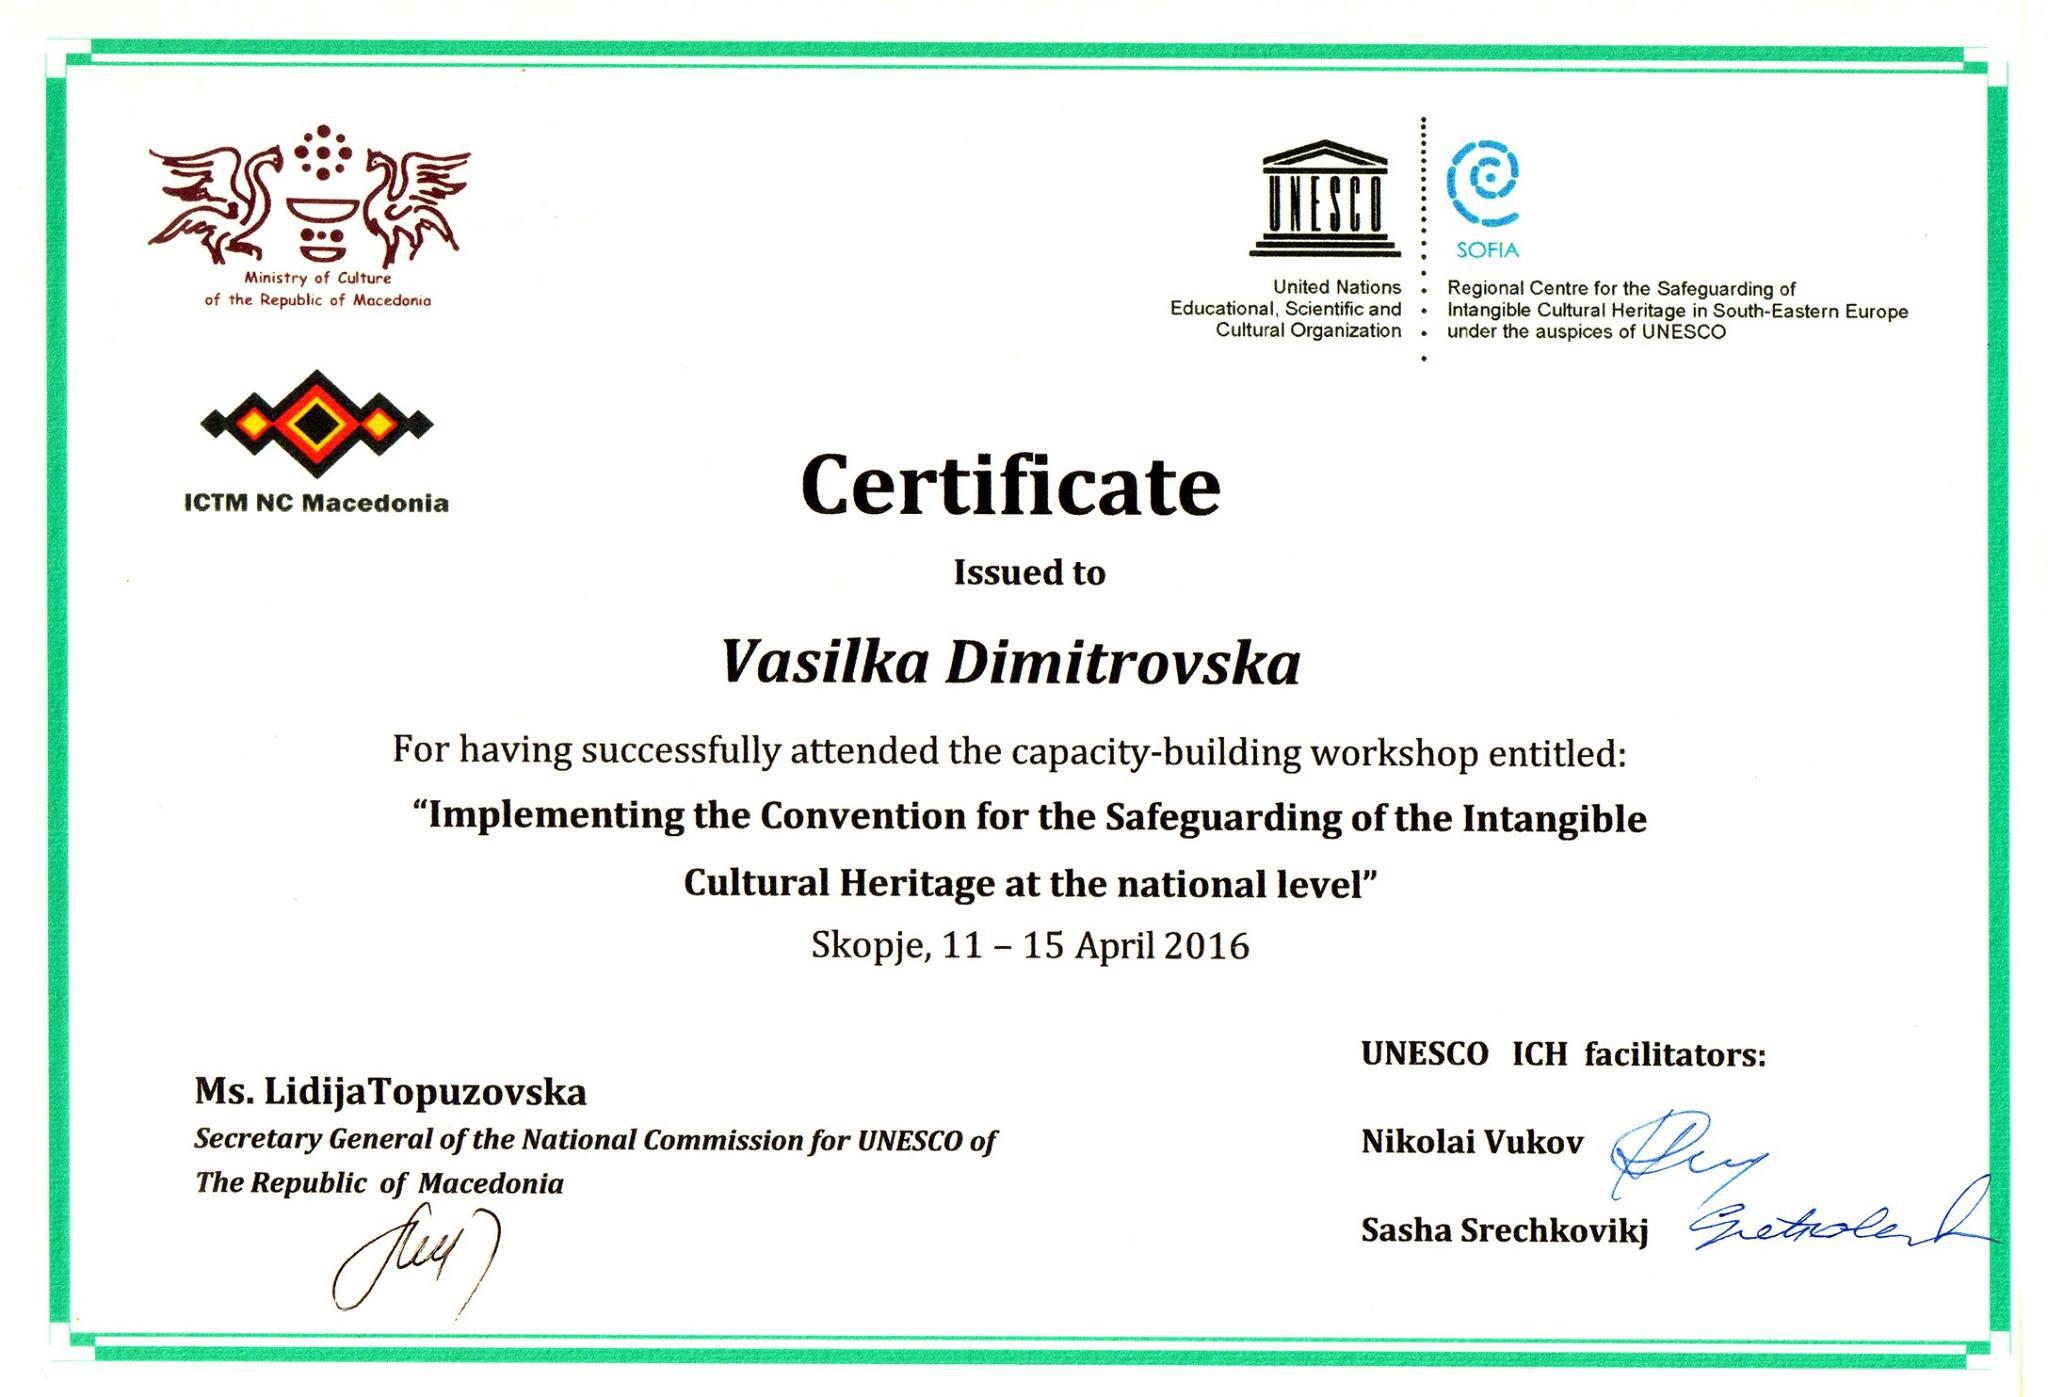 Vasilka_Dimitrovska_Certificate_UNESCO_ICH